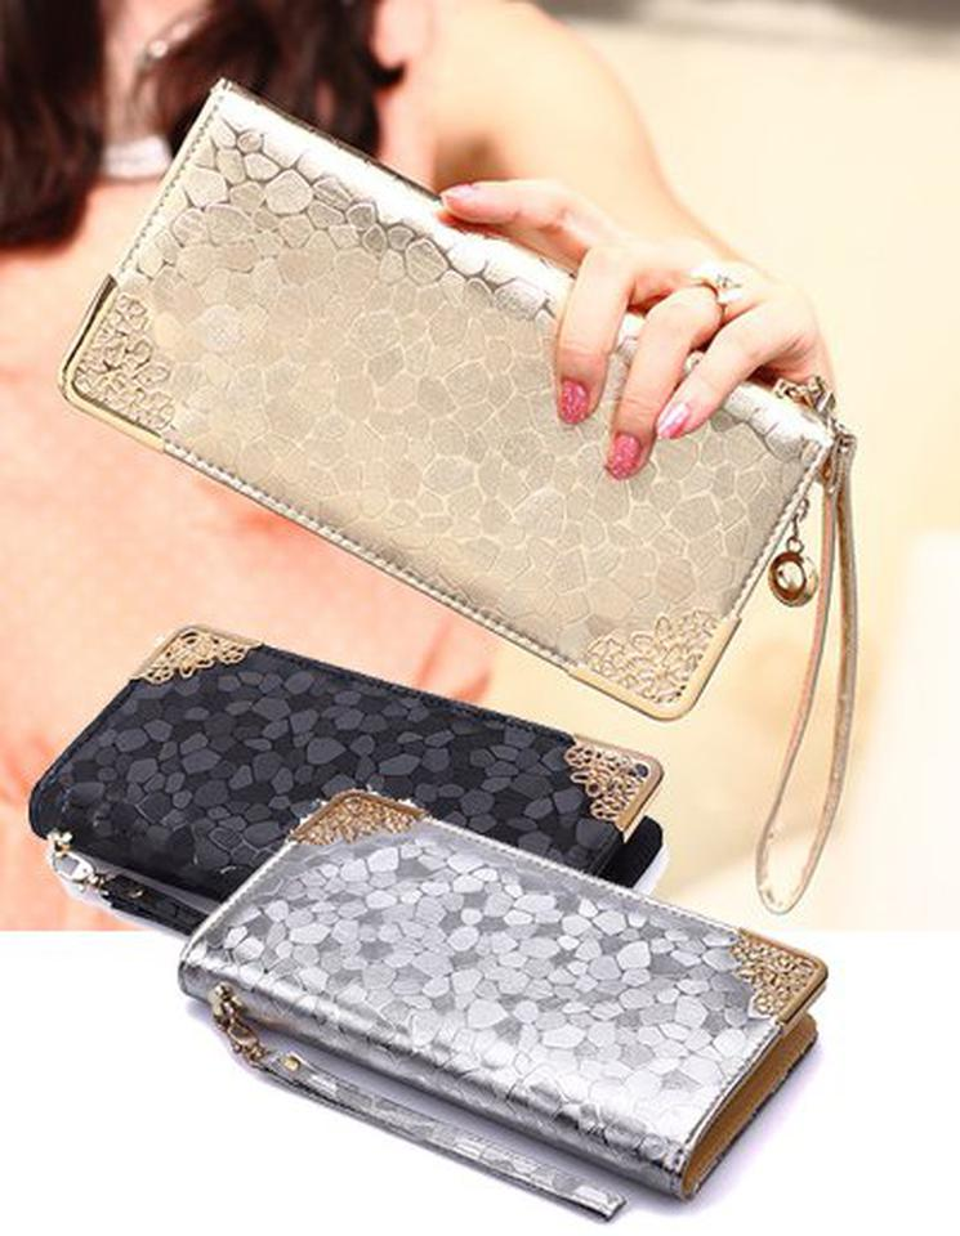 กระเป๋าสตางค์ ลายหินอ่อน สีประกายสวยหรู รูปที่ 1